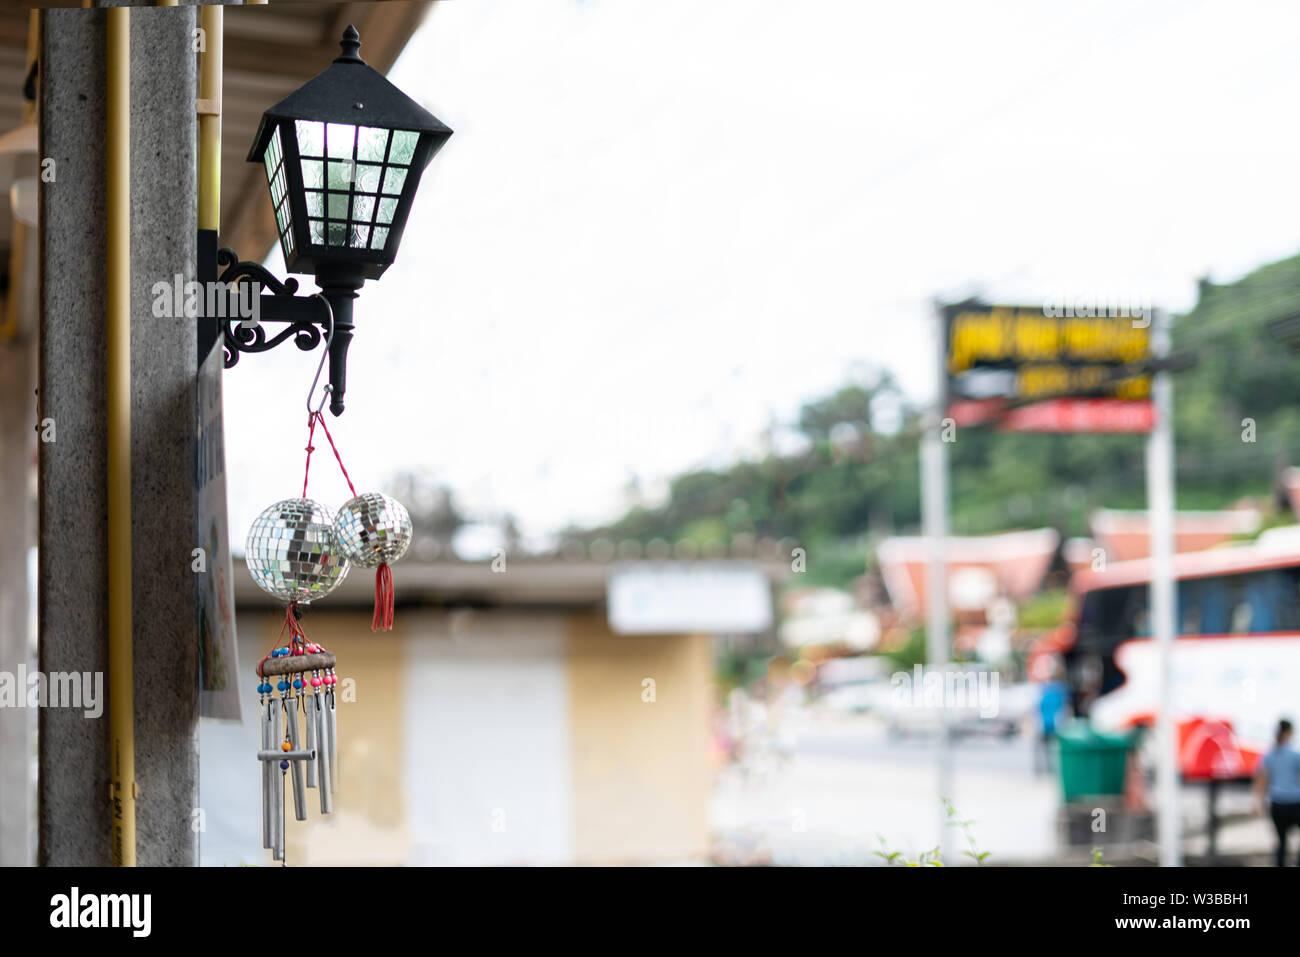 Linterna luminosa colgado en la fachada del edificio. En la calle, en primer plano, fondo blanco. Día Imagen De Stock